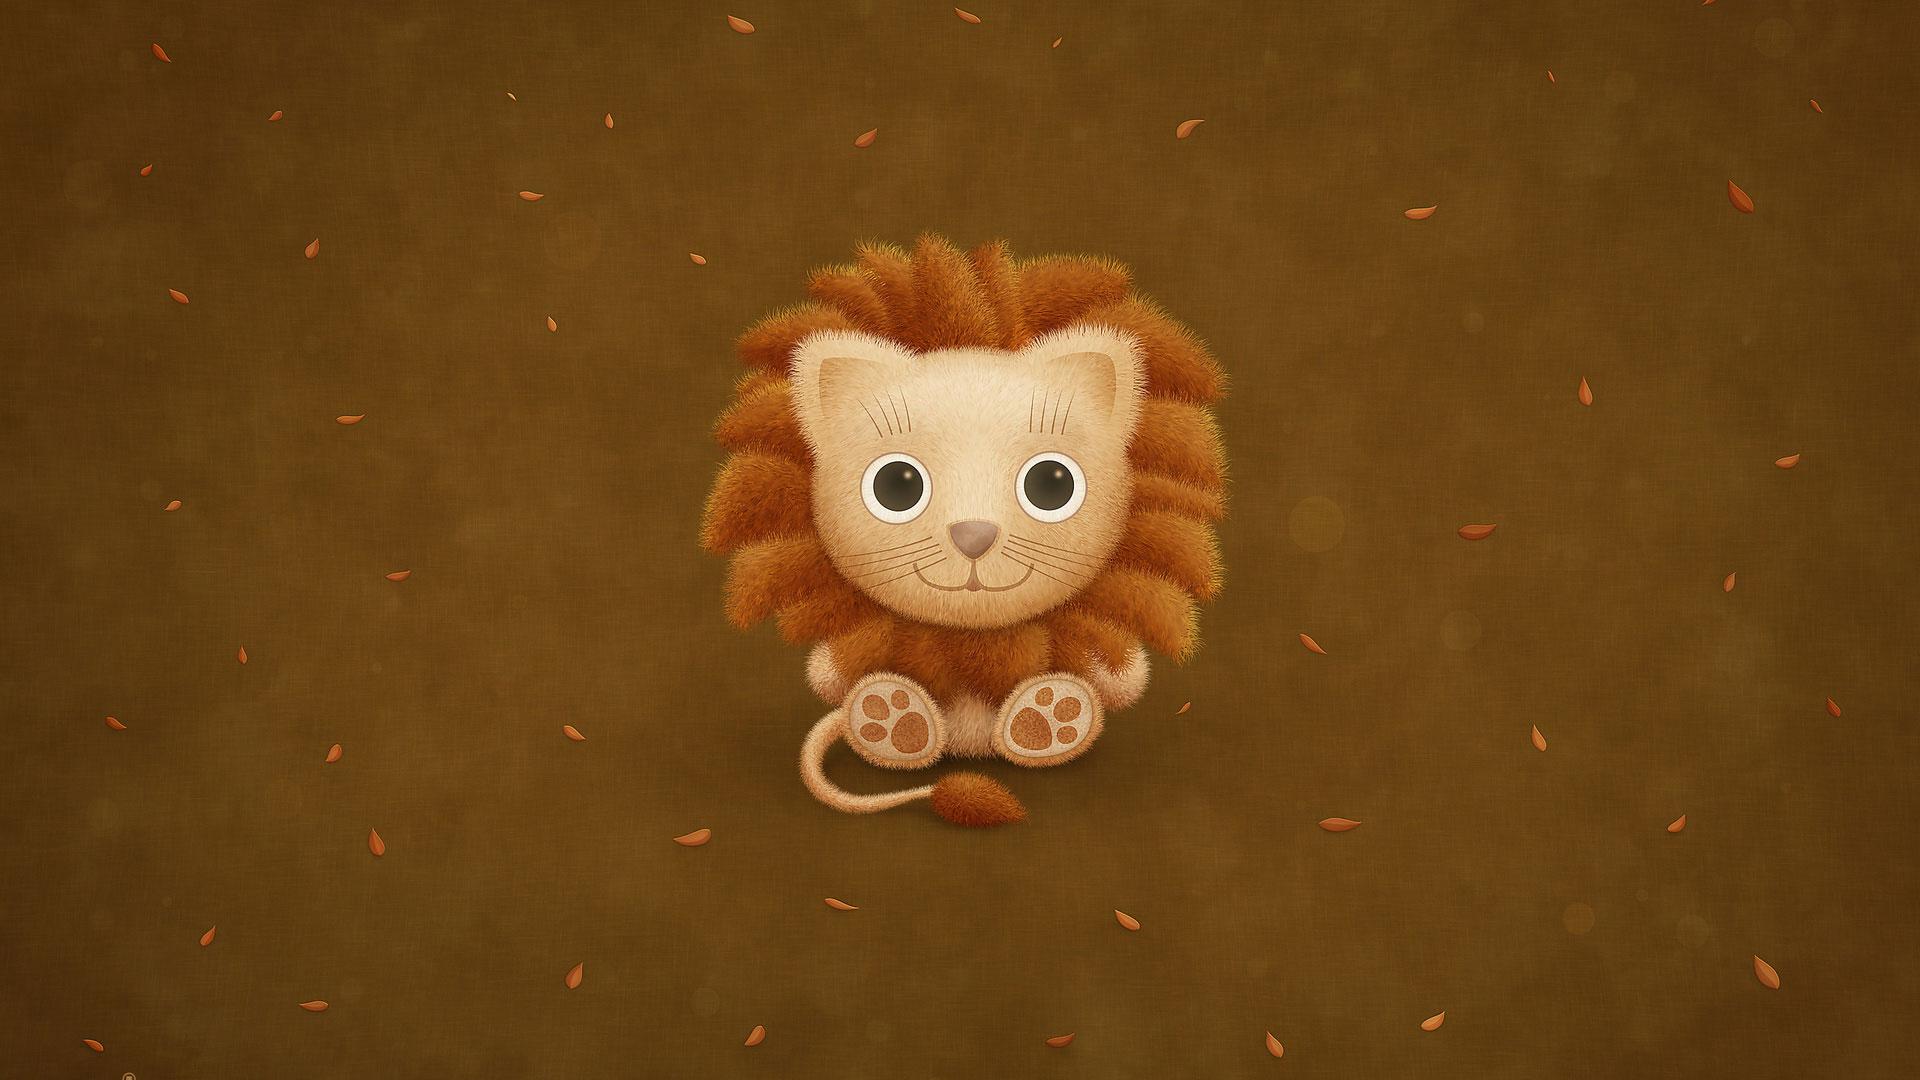 львенок, обои на рабочий стол, lion wallpaper